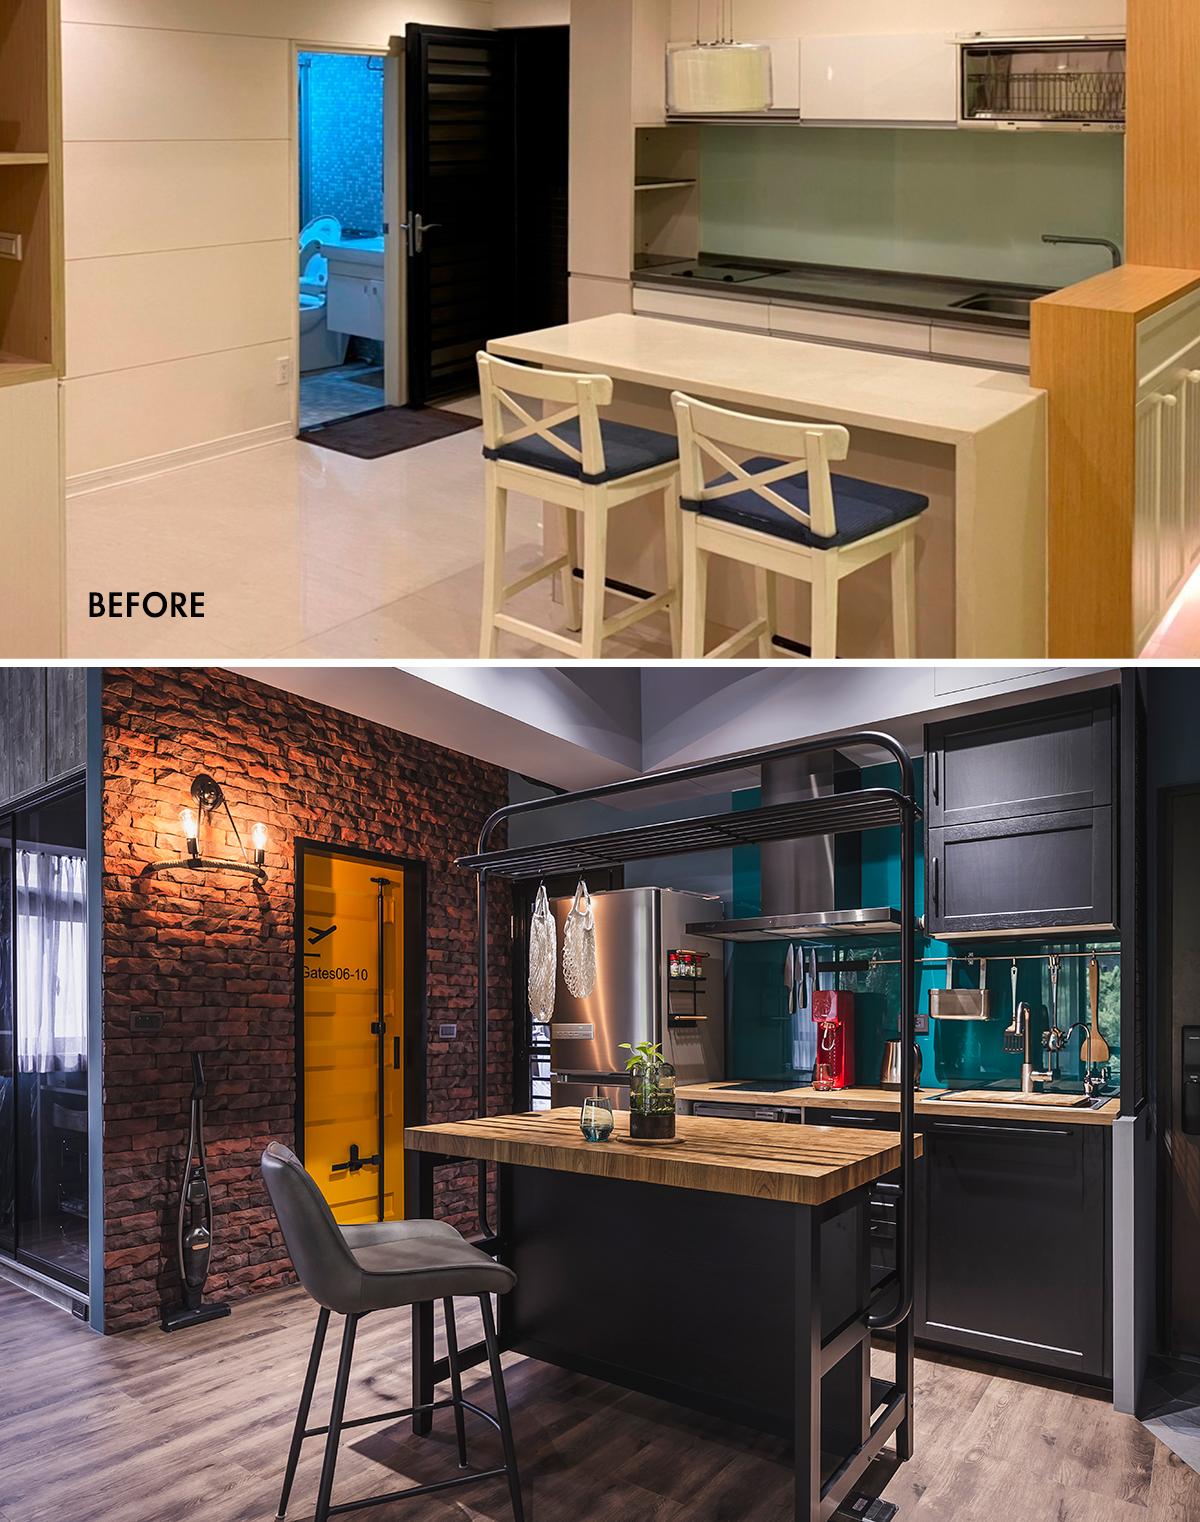 Căn hộ 12m² tạo dấu ấn bởi phong cách công nghiệp đẹp đến khó tin của cô nàng độc thân - Ảnh 3.